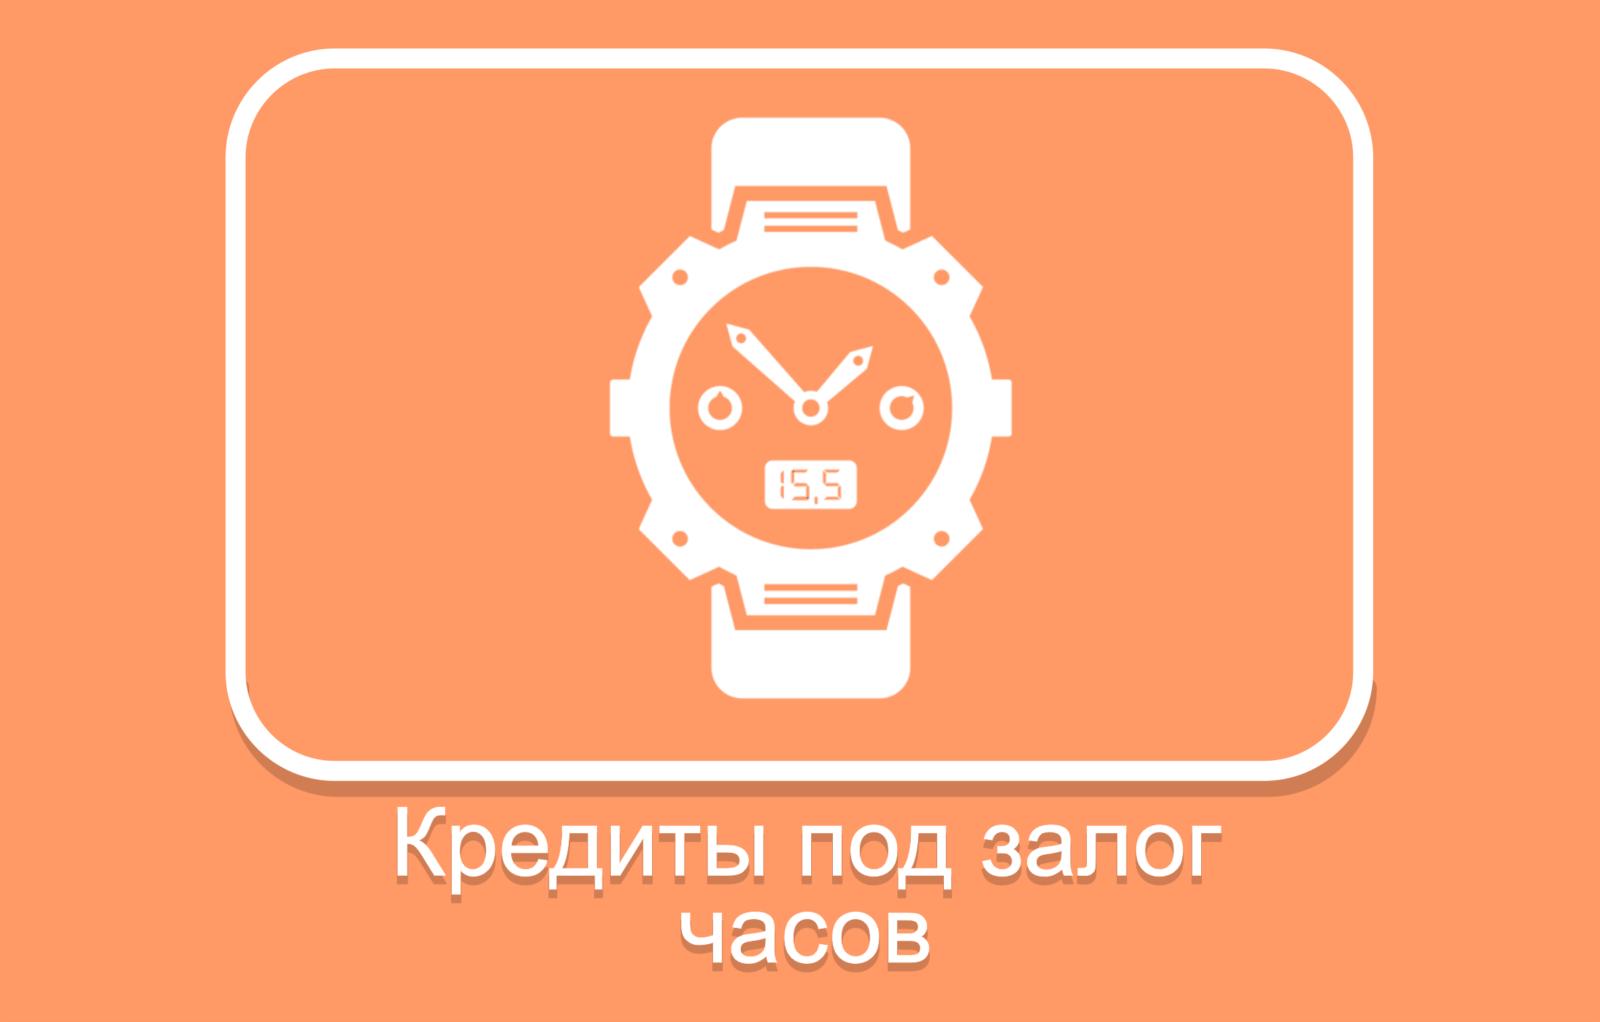 В ломбард харькове часов на сутки сдам на часы